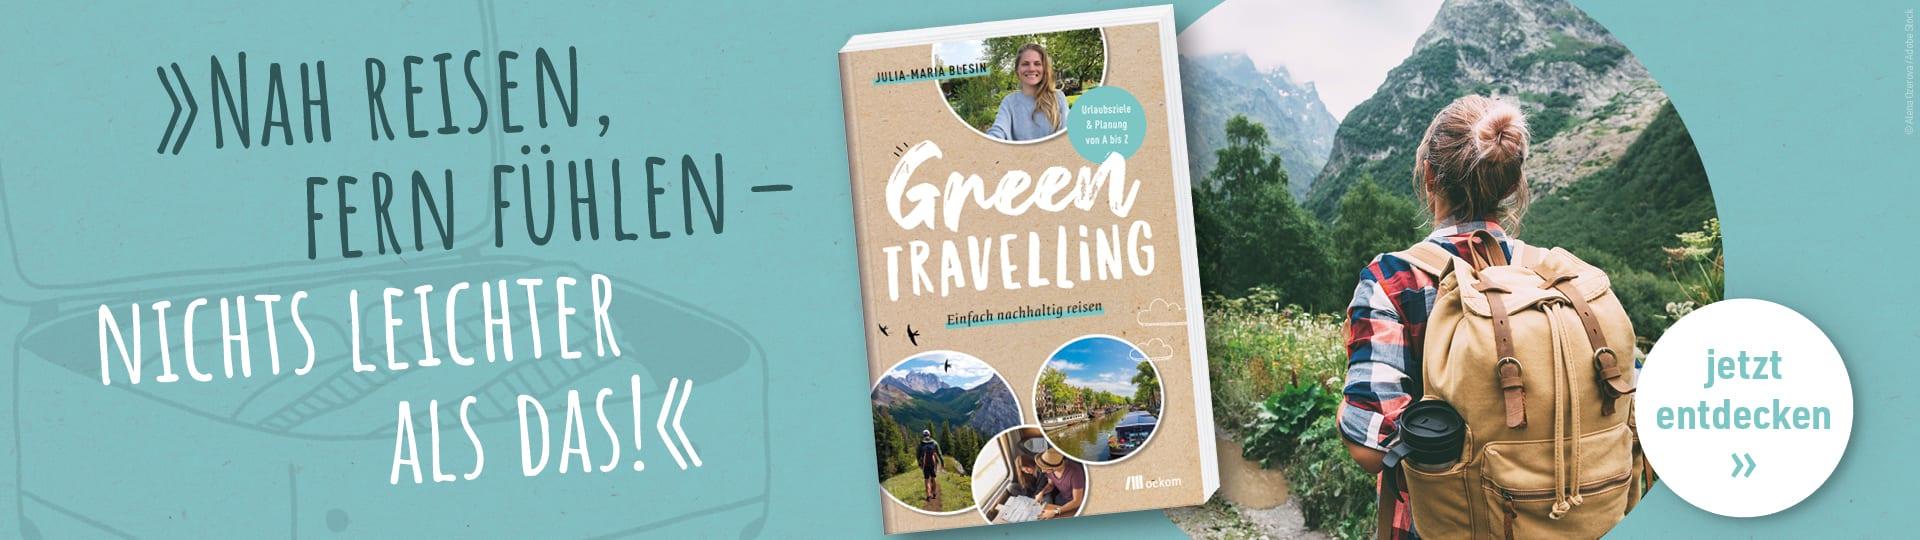 Werbebanner zu Julia-Maria Blesins Reiseratgeber »Green travelling«